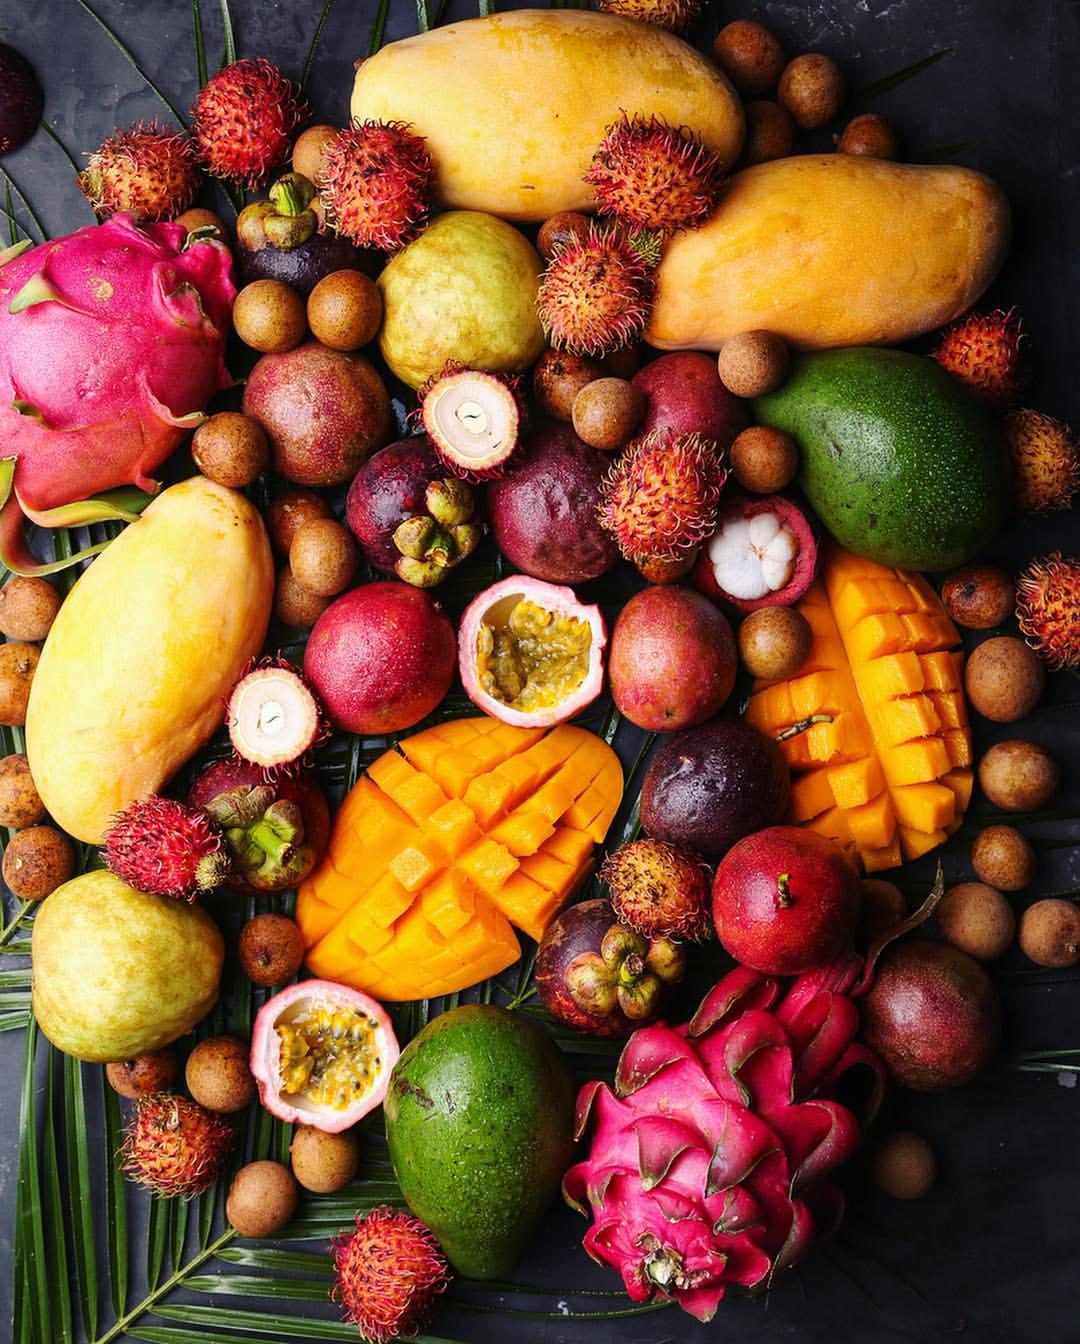 http://fruit-island.ru/images/upload/40597596_703170473377696_1902533267807455720_n.jpg